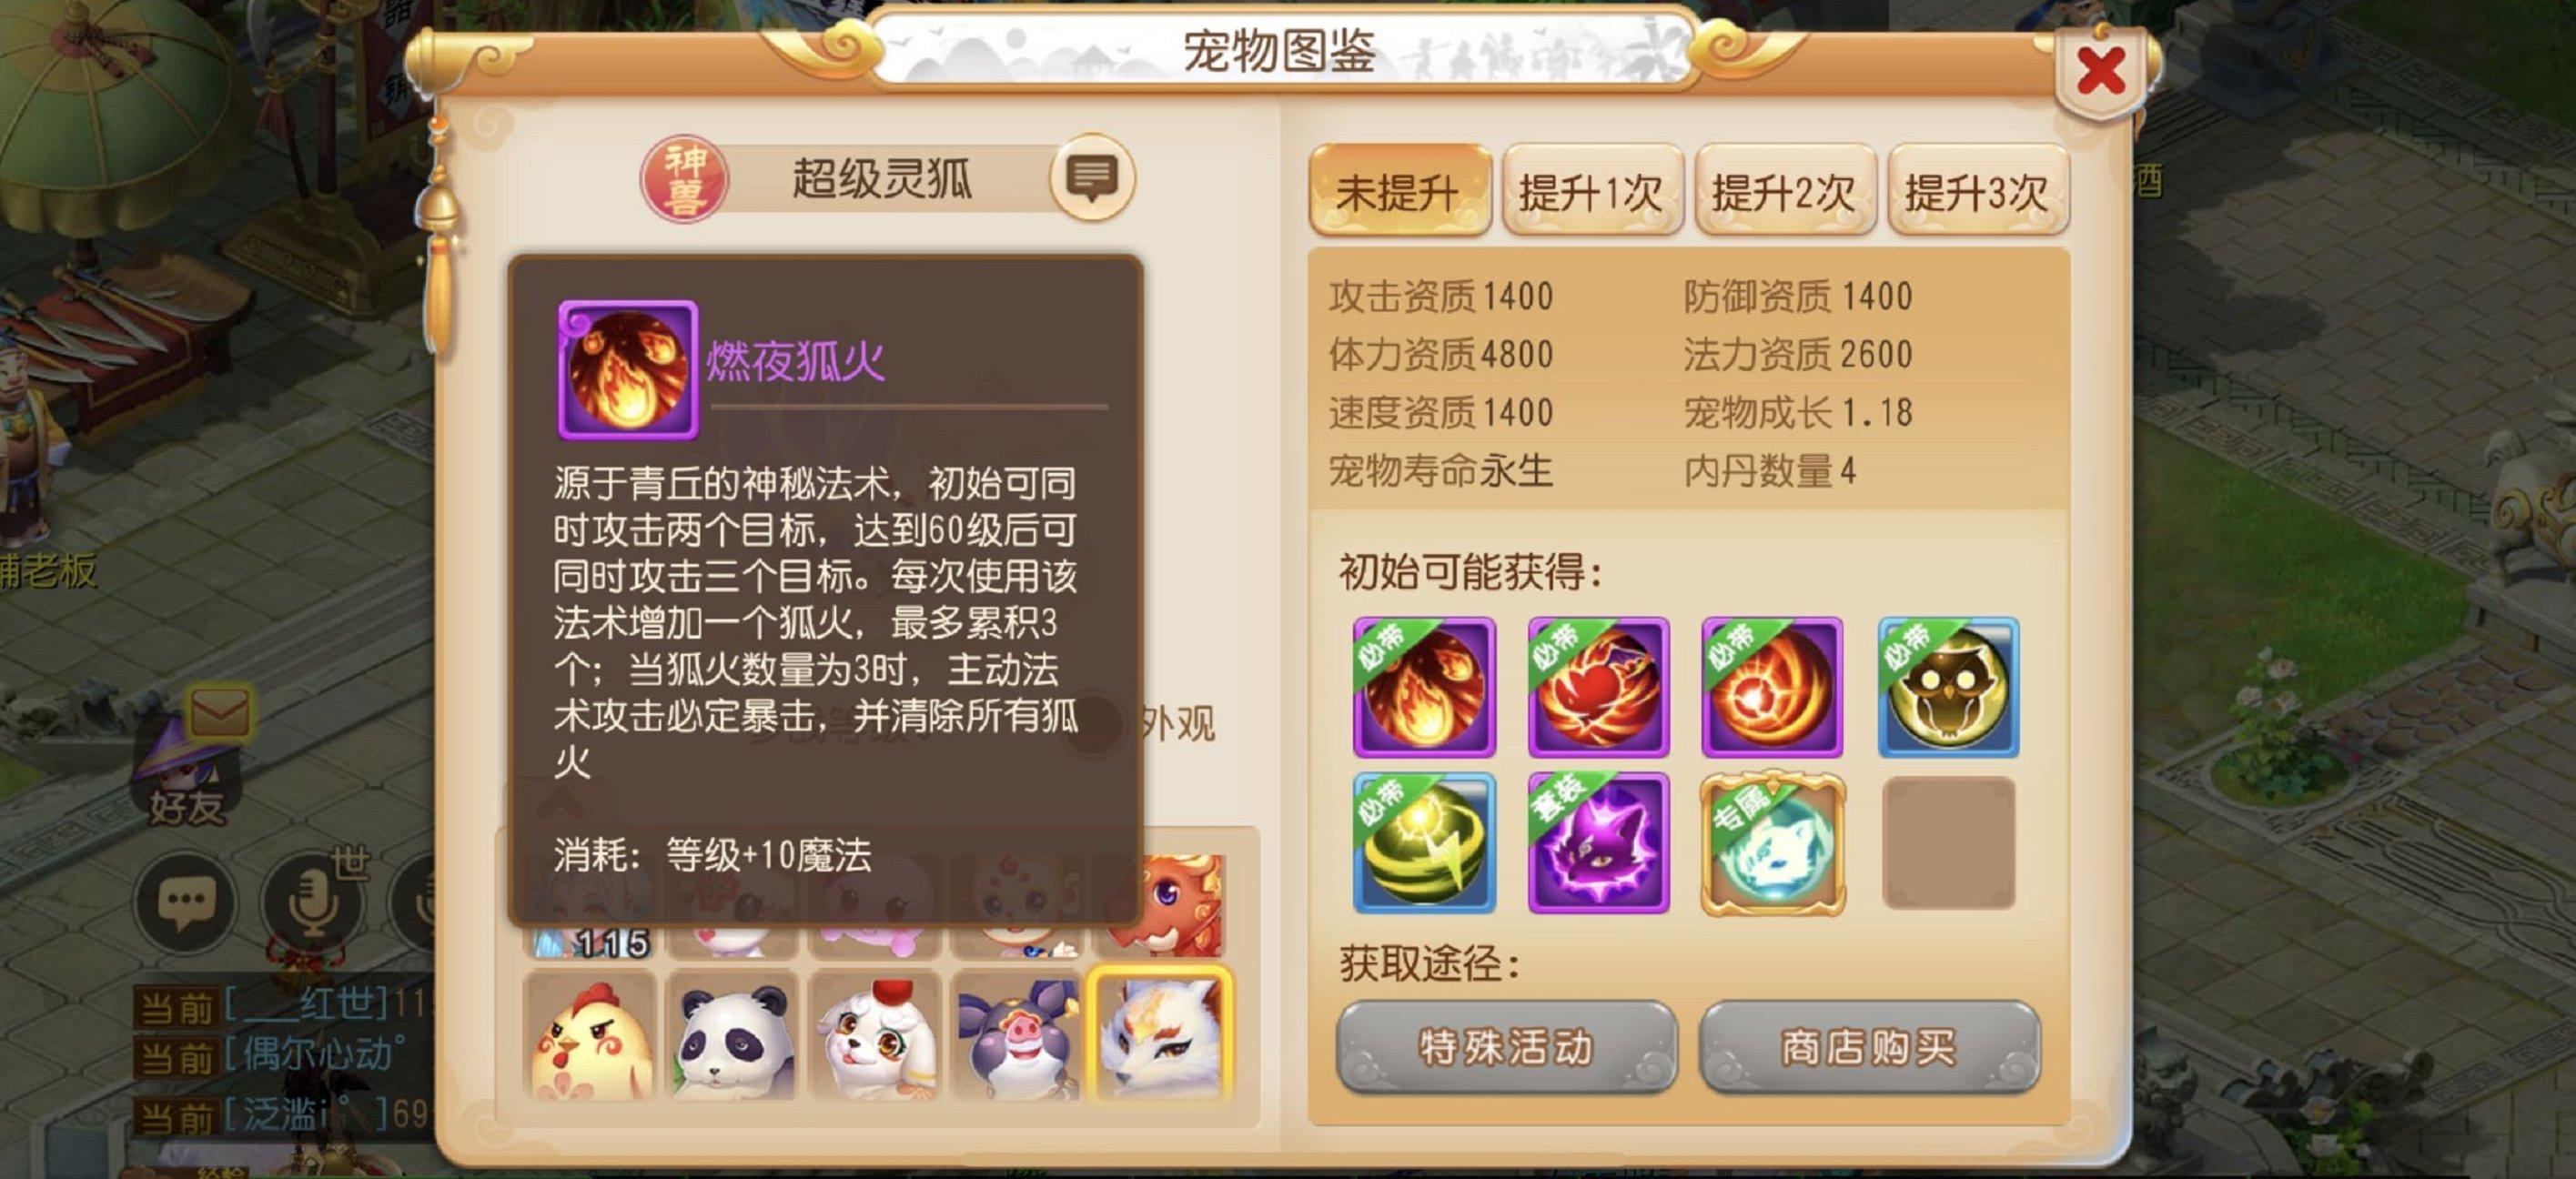 百变神宠,如一相伴,《梦幻西游》手机游戏神兽转换上线